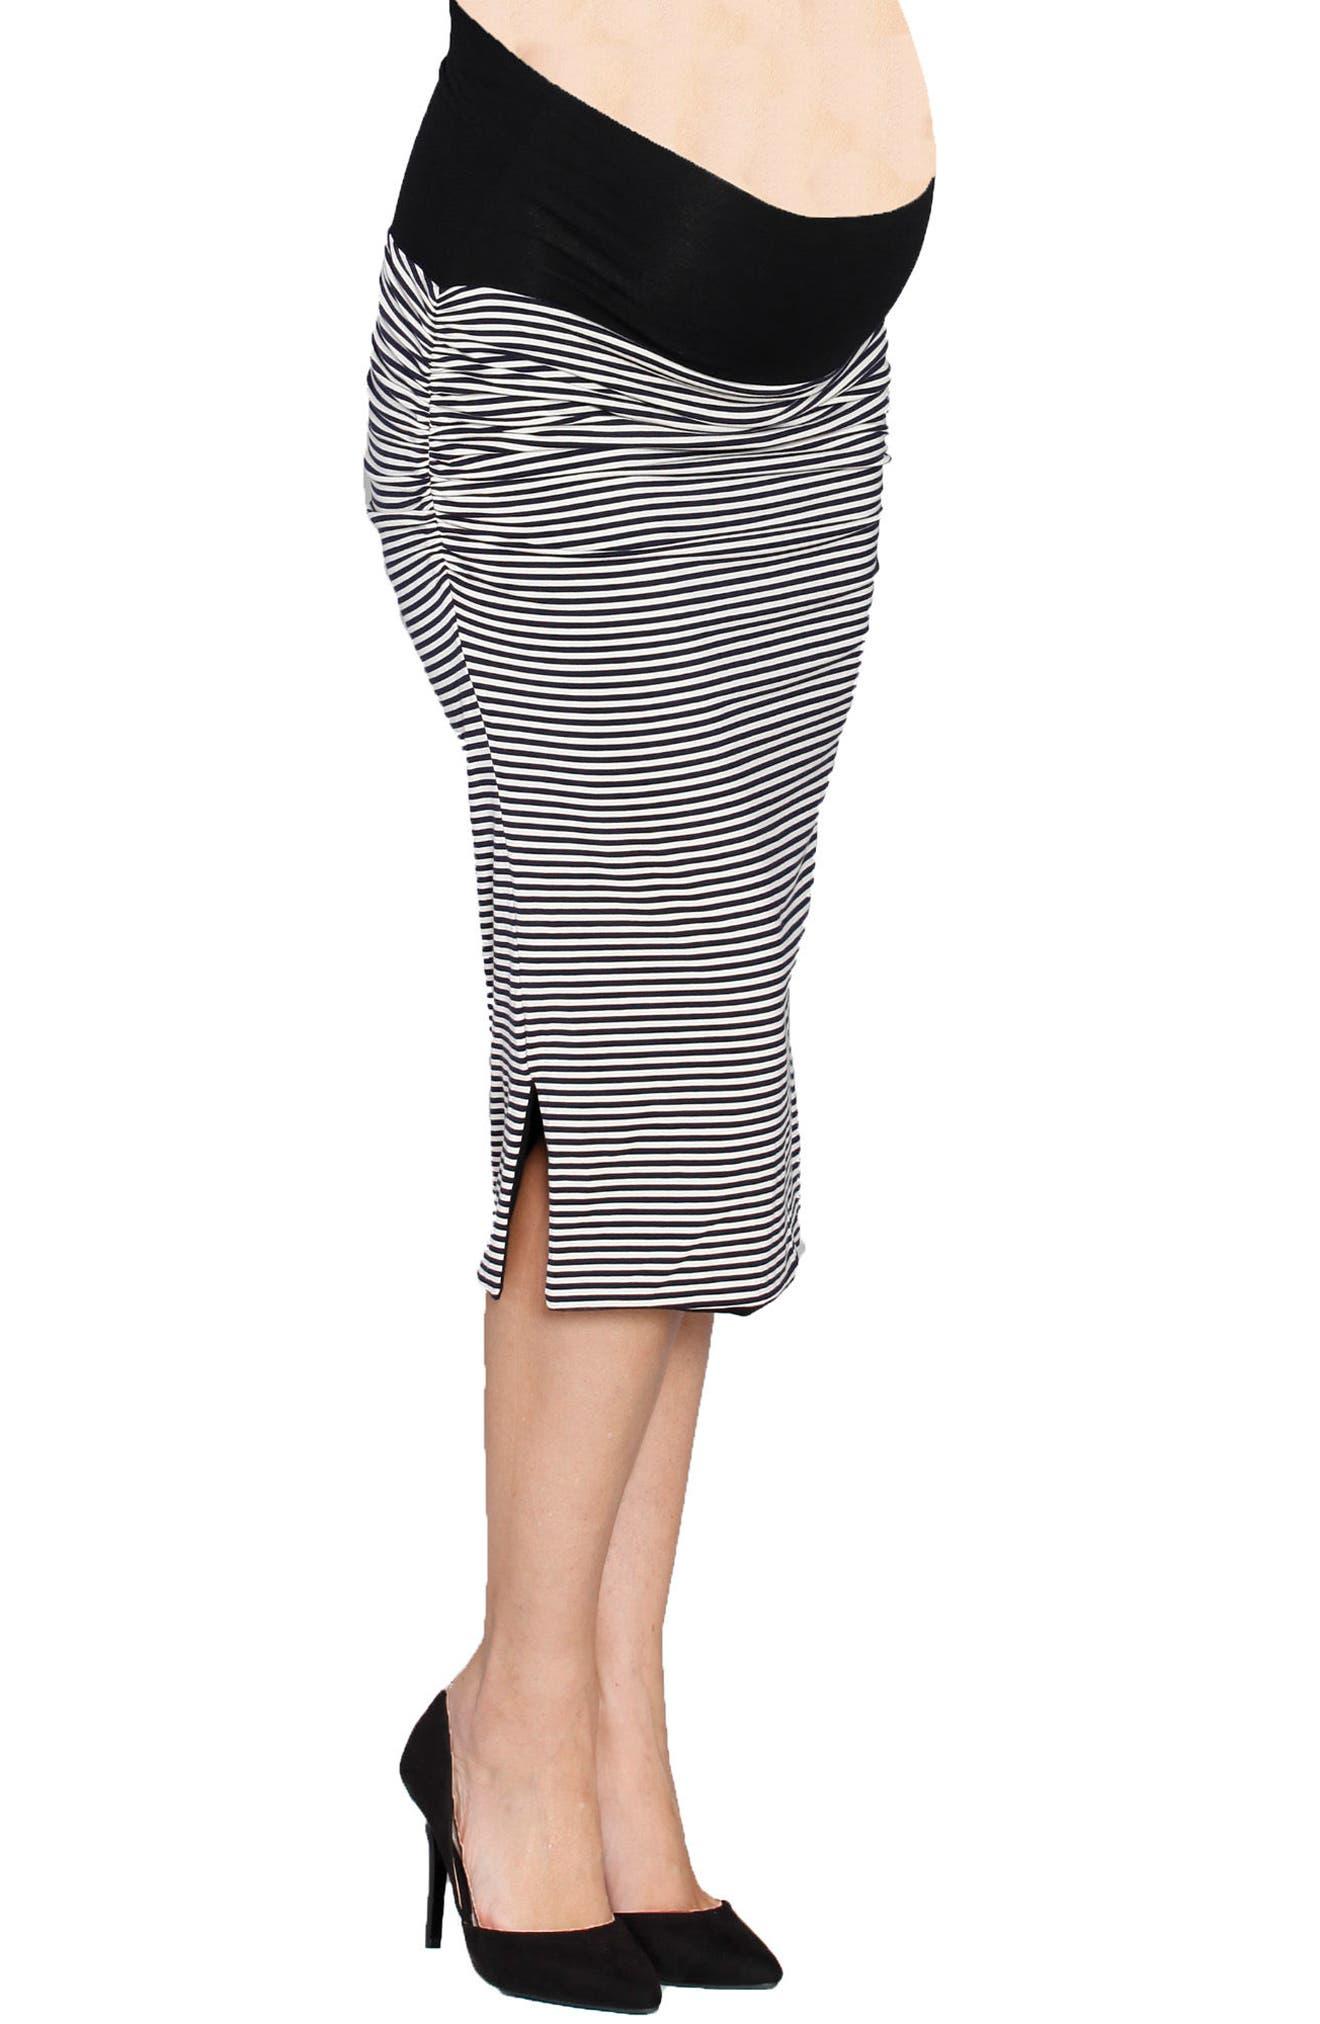 Angel Maternity Reversible Maternity Skirt